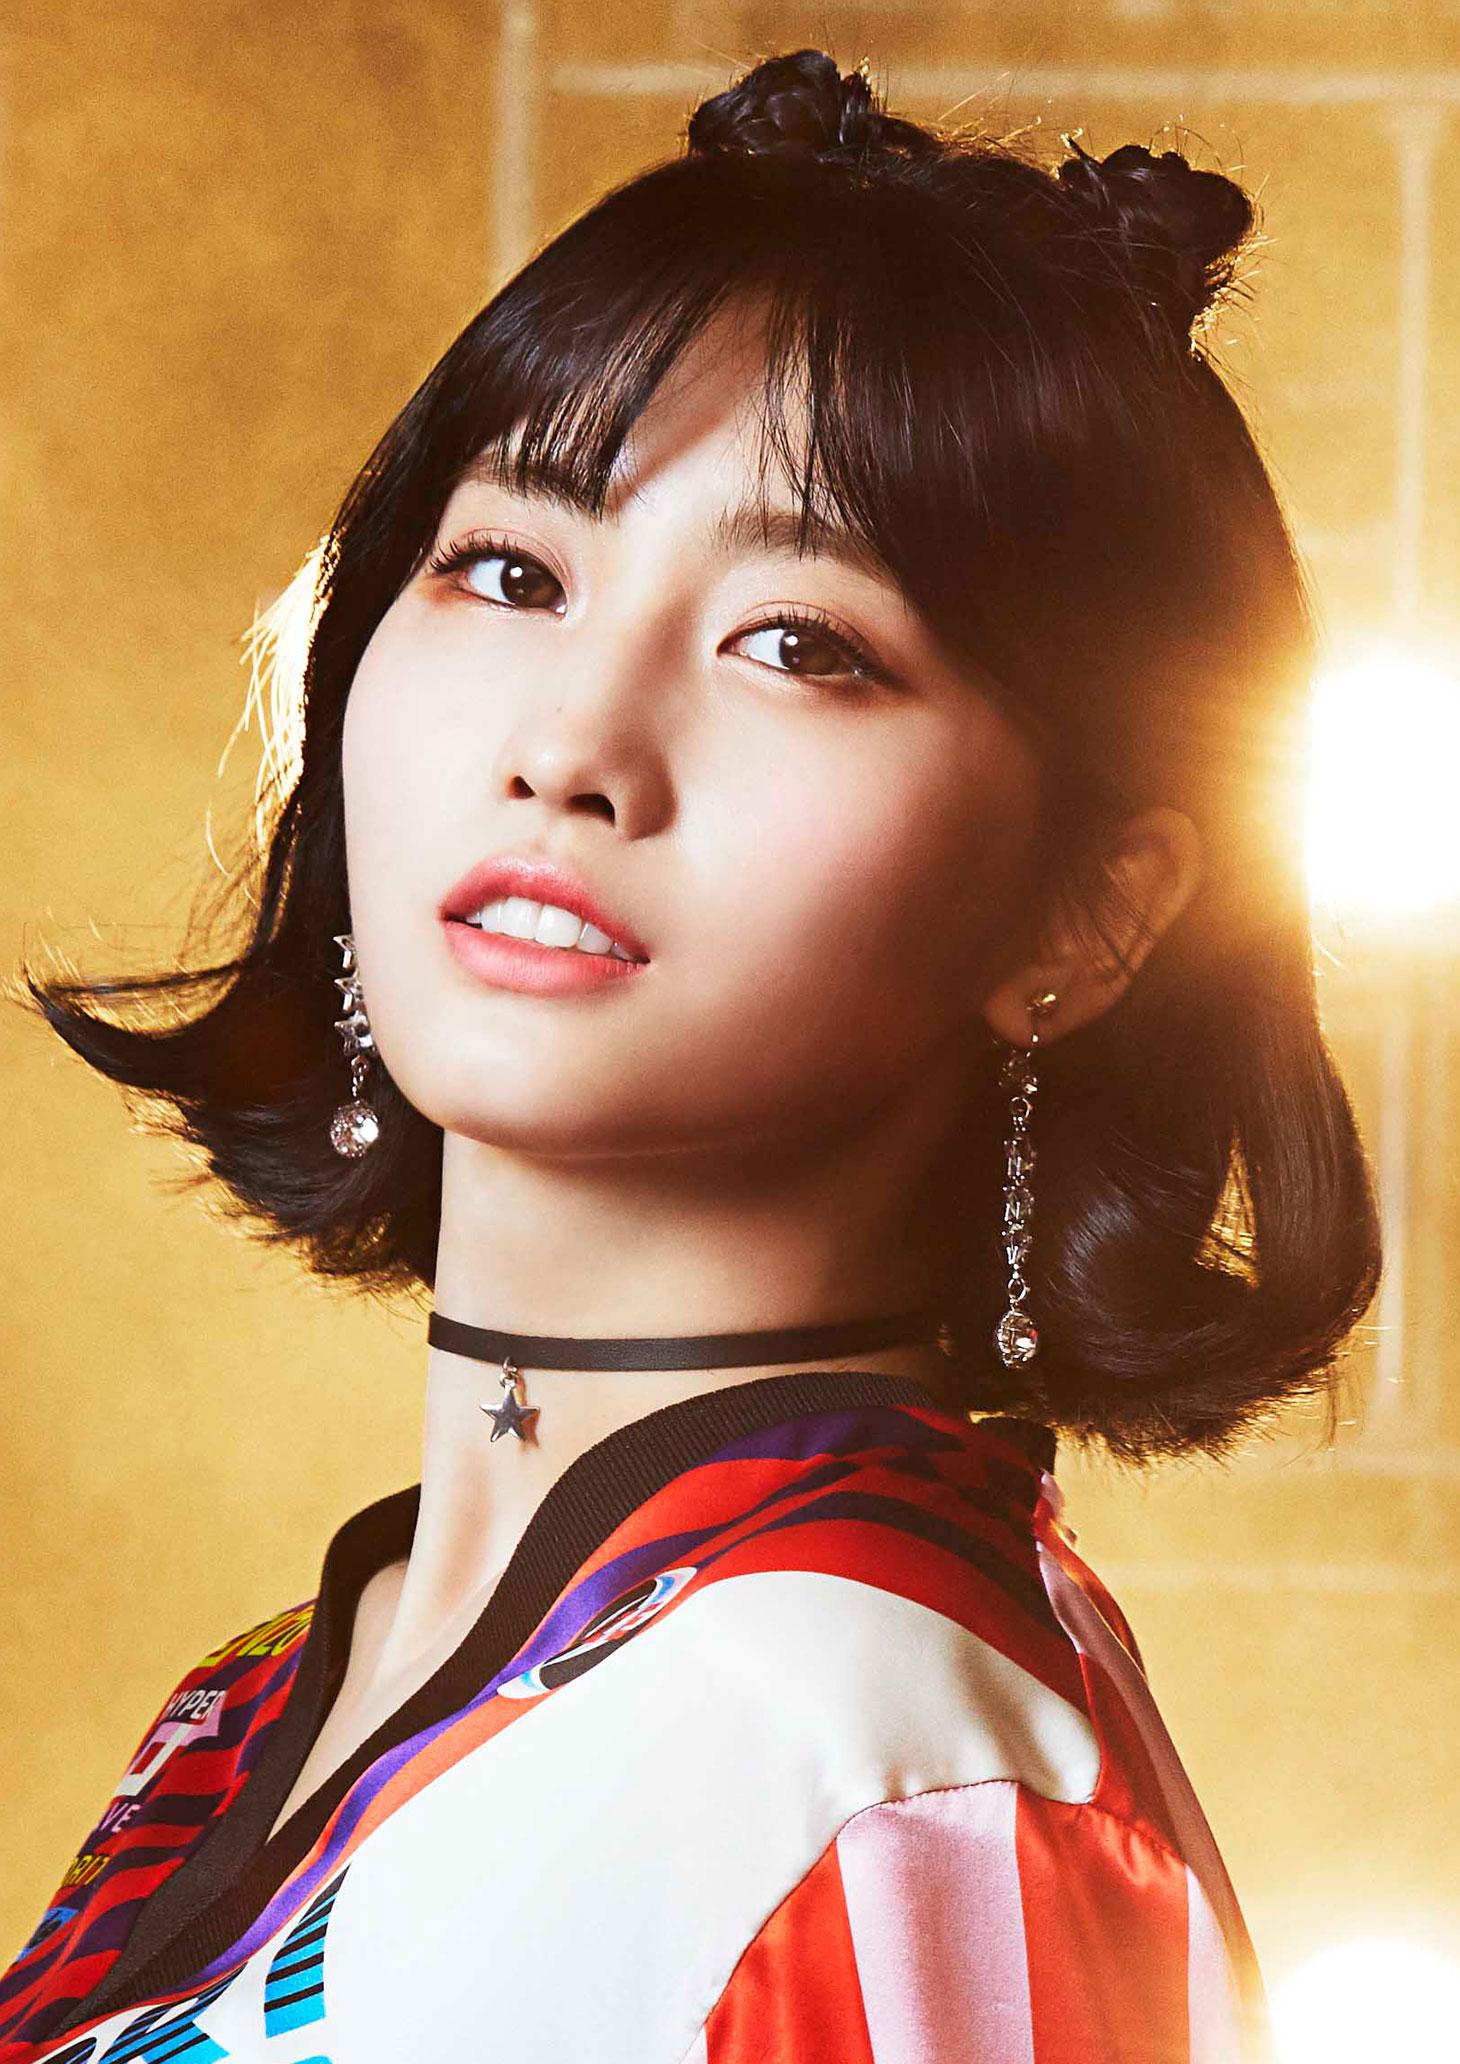 Hirai Momo Twice Asiachan Kpop Image Board